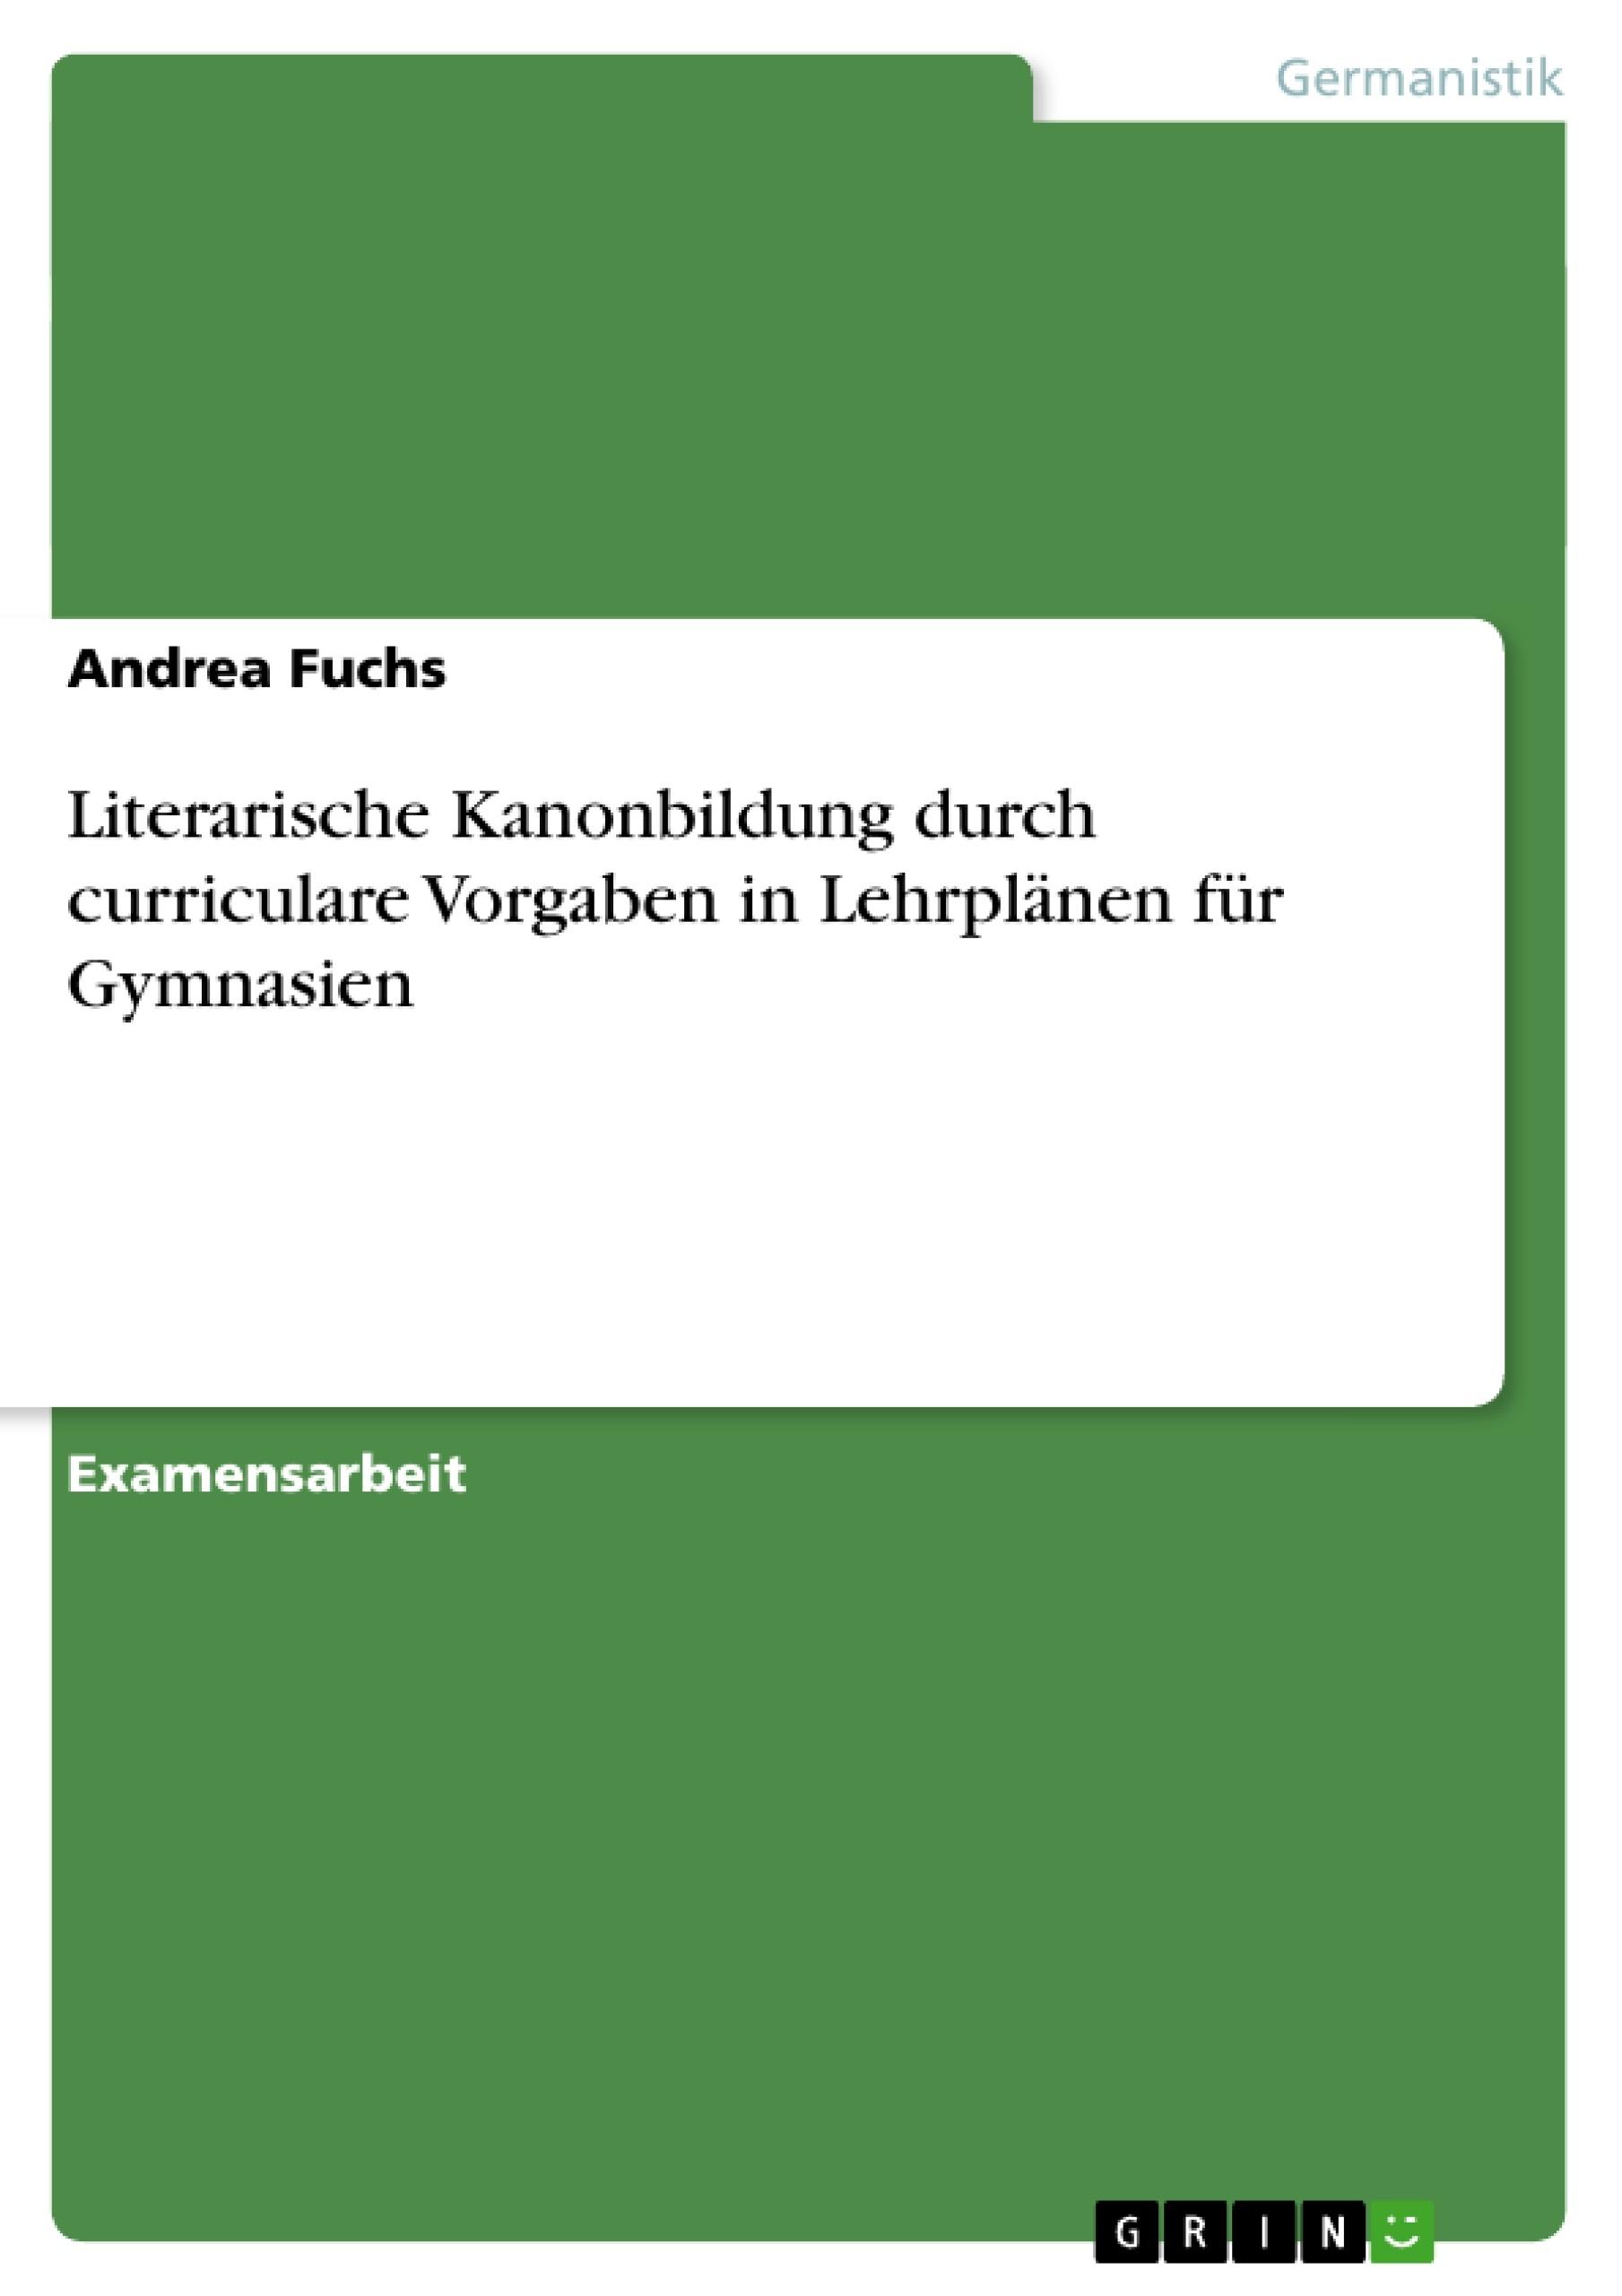 Titel: Literarische Kanonbildung durch curriculare Vorgaben in Lehrplänen für Gymnasien